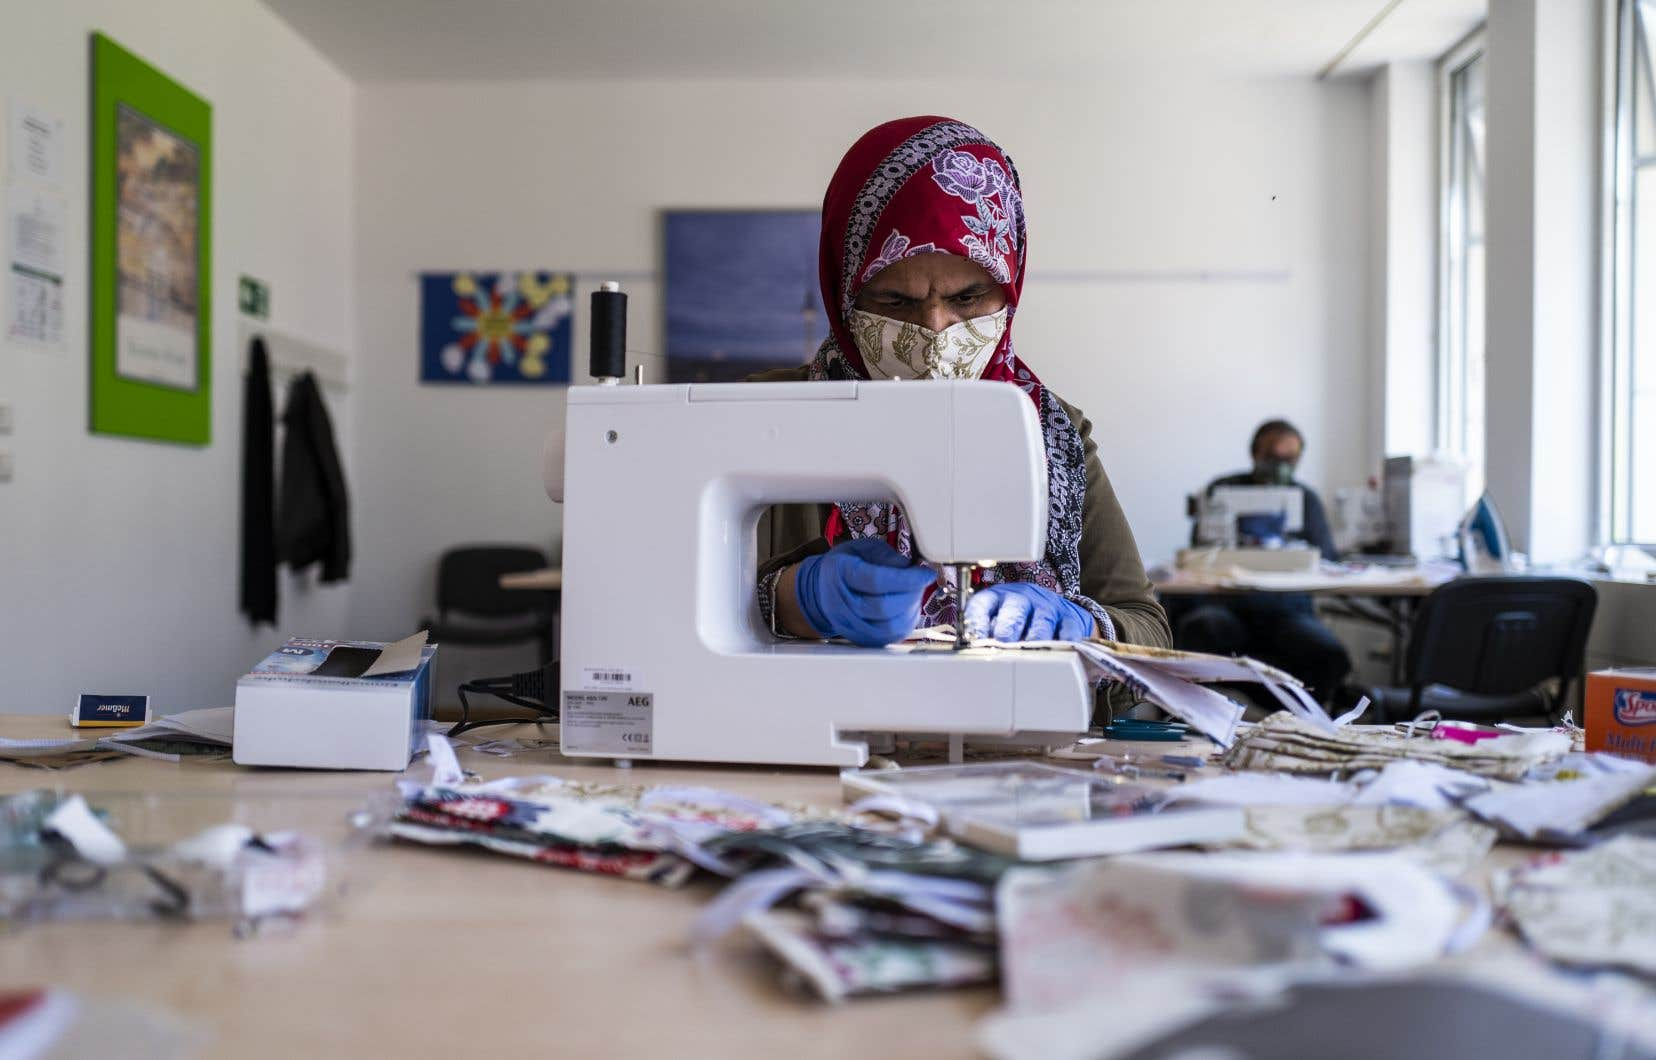 Une migrante d'origine afghane confectionne des masques dans un centre communautaire de Berlin.